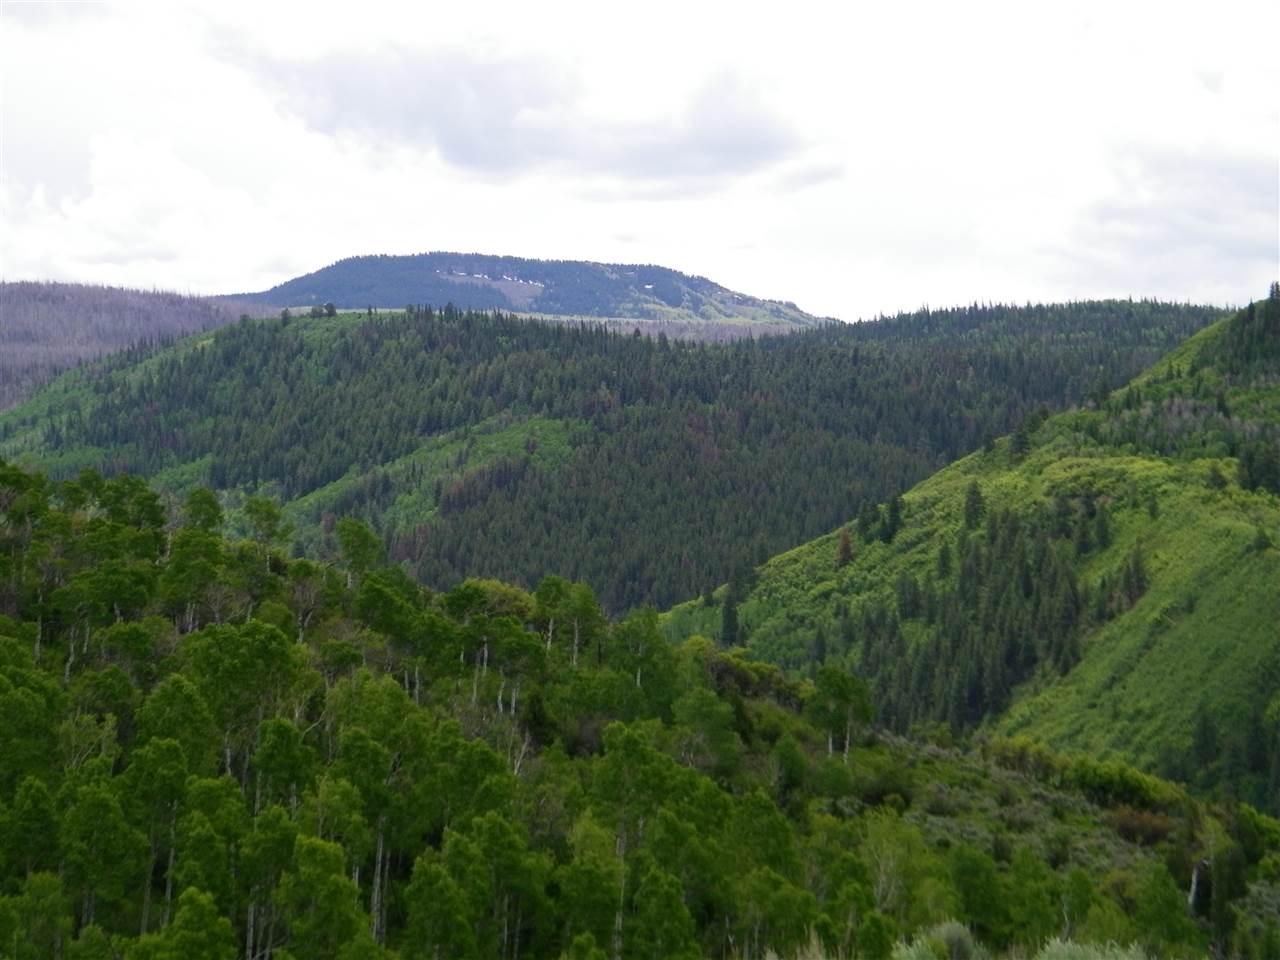 TBD 10 Road, Meeker, CO 81641